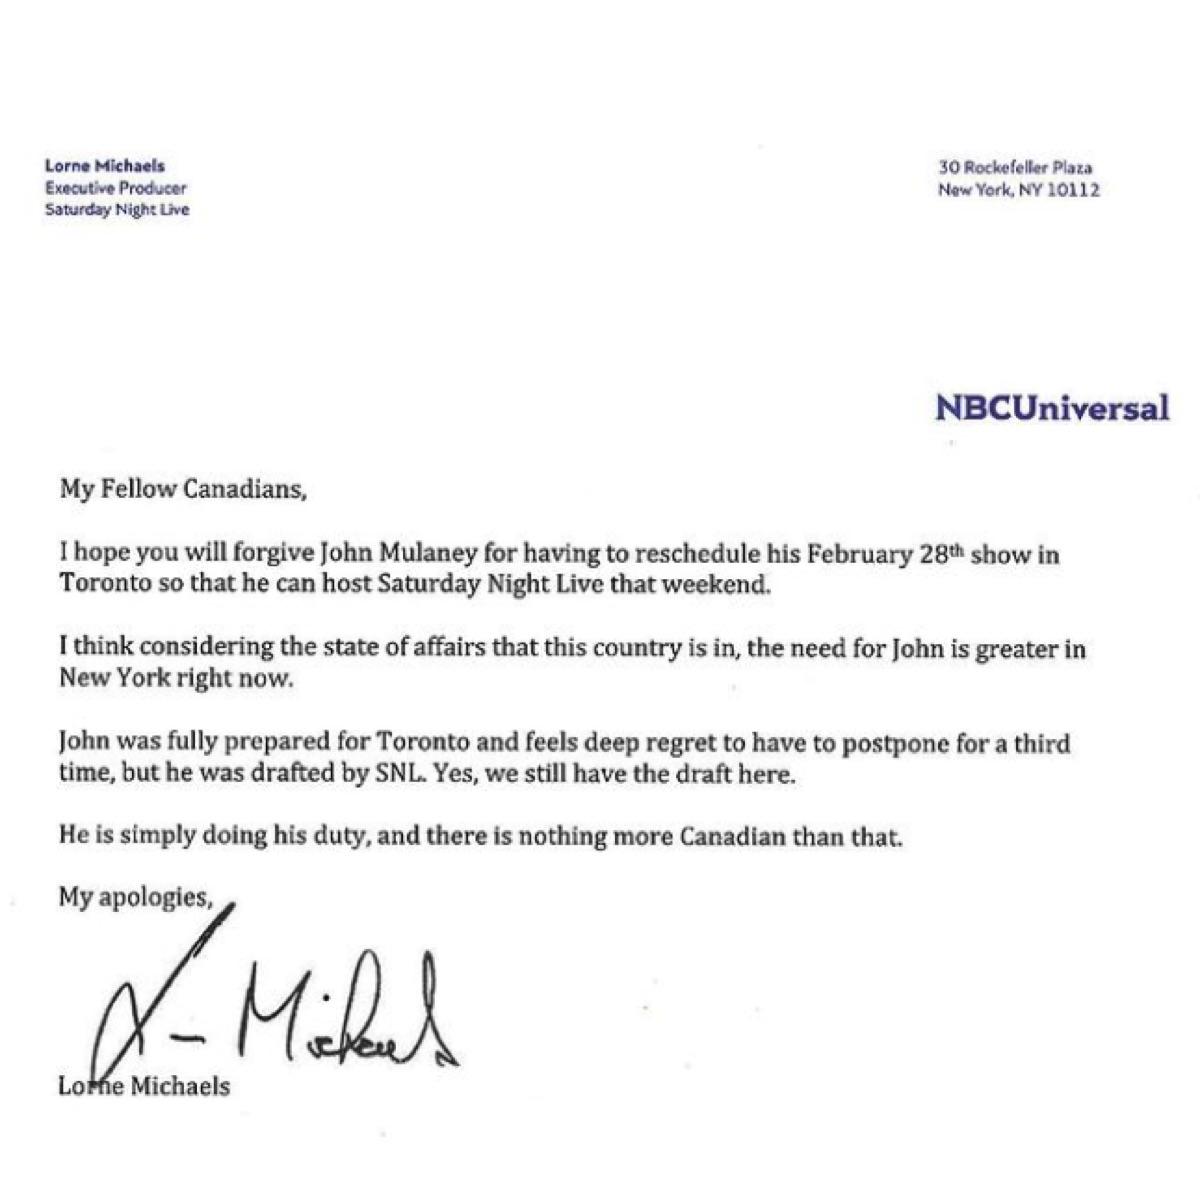 John Mulaney letter from Lorne Michaels